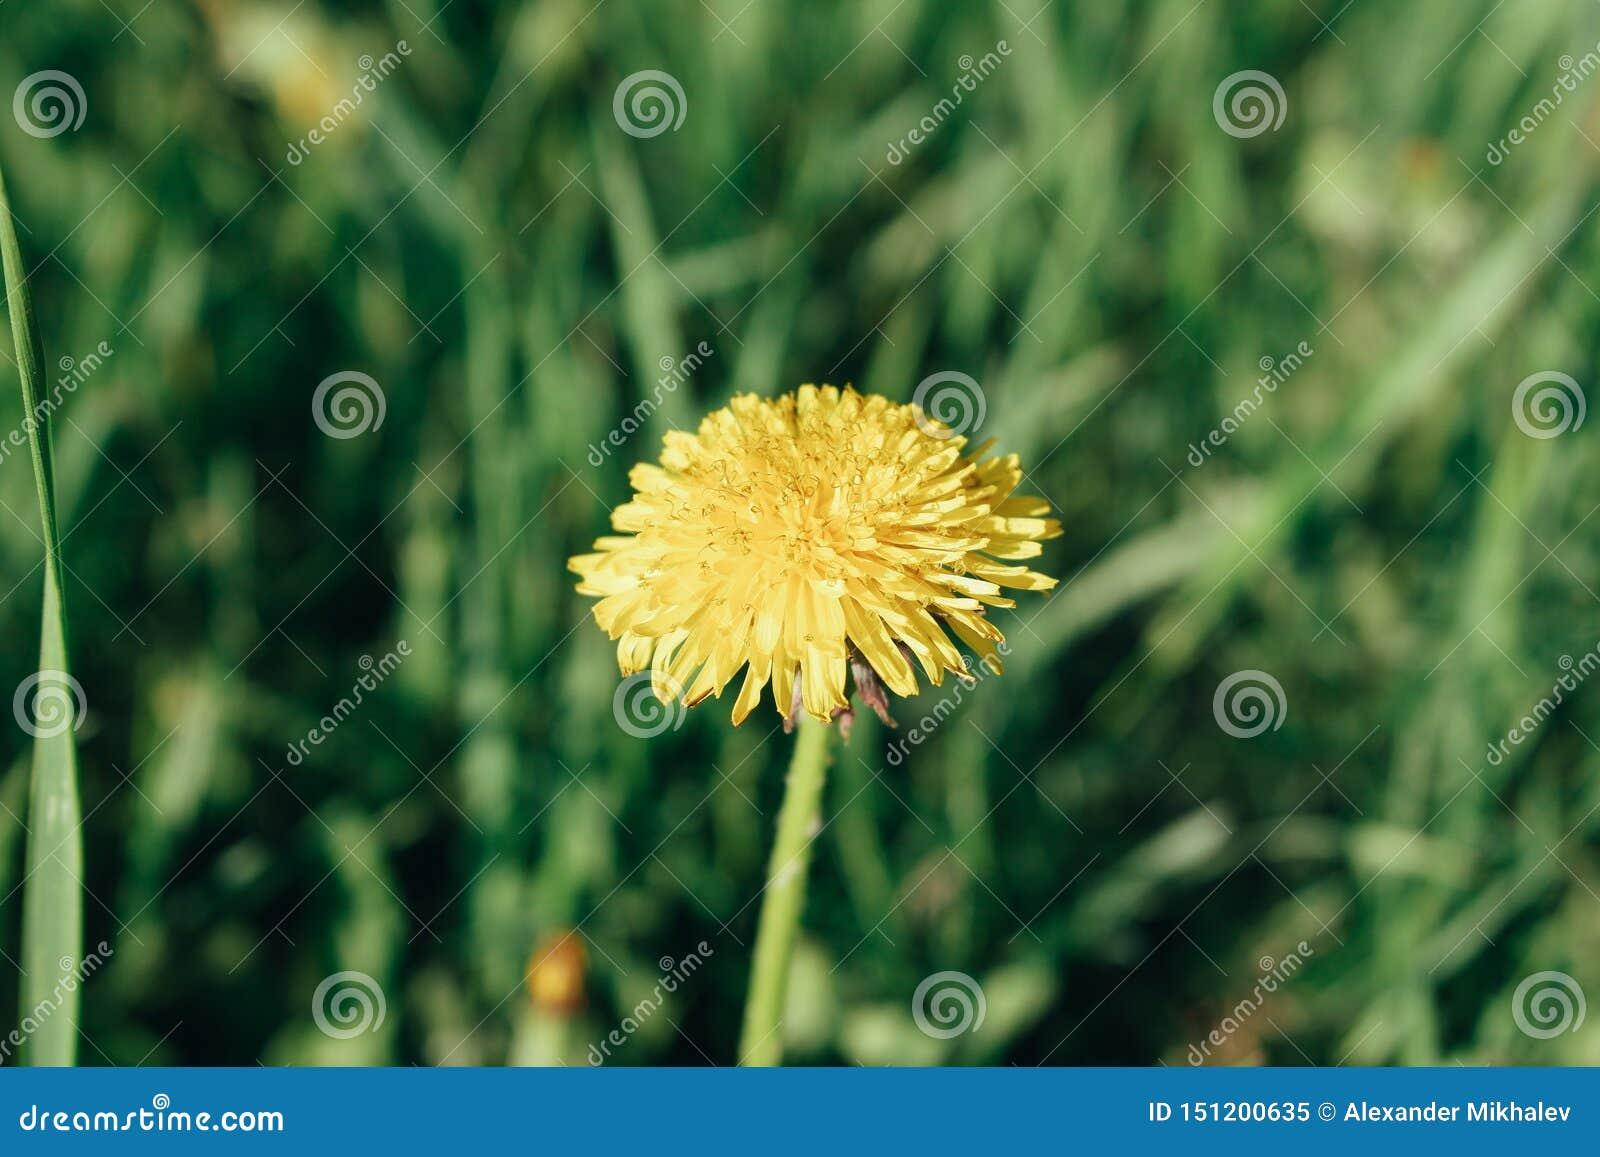 Желтый одуванчик среди толстой травы